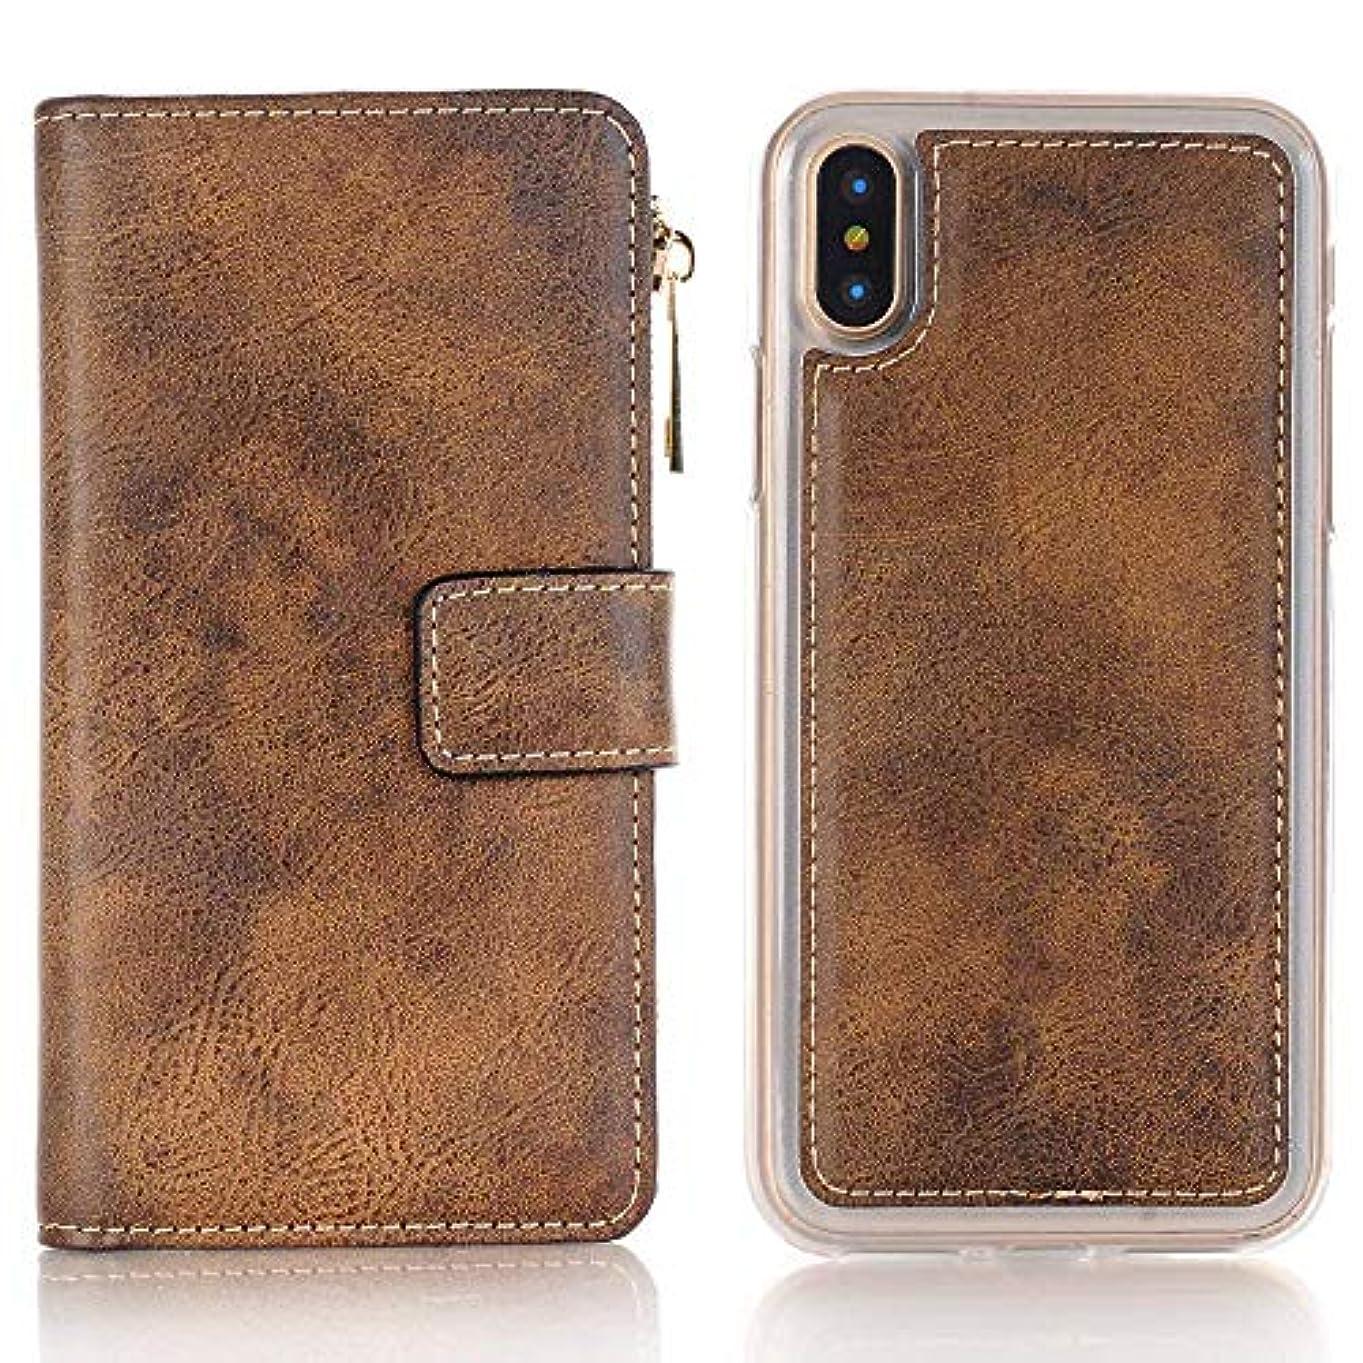 巧みなする海iPhone ケース 手帳型 INorton 全面保護カバー 耐衝撃 レンズ保護 カード収納 分離式 高品質レザー シリコン 軽量 マグネット式